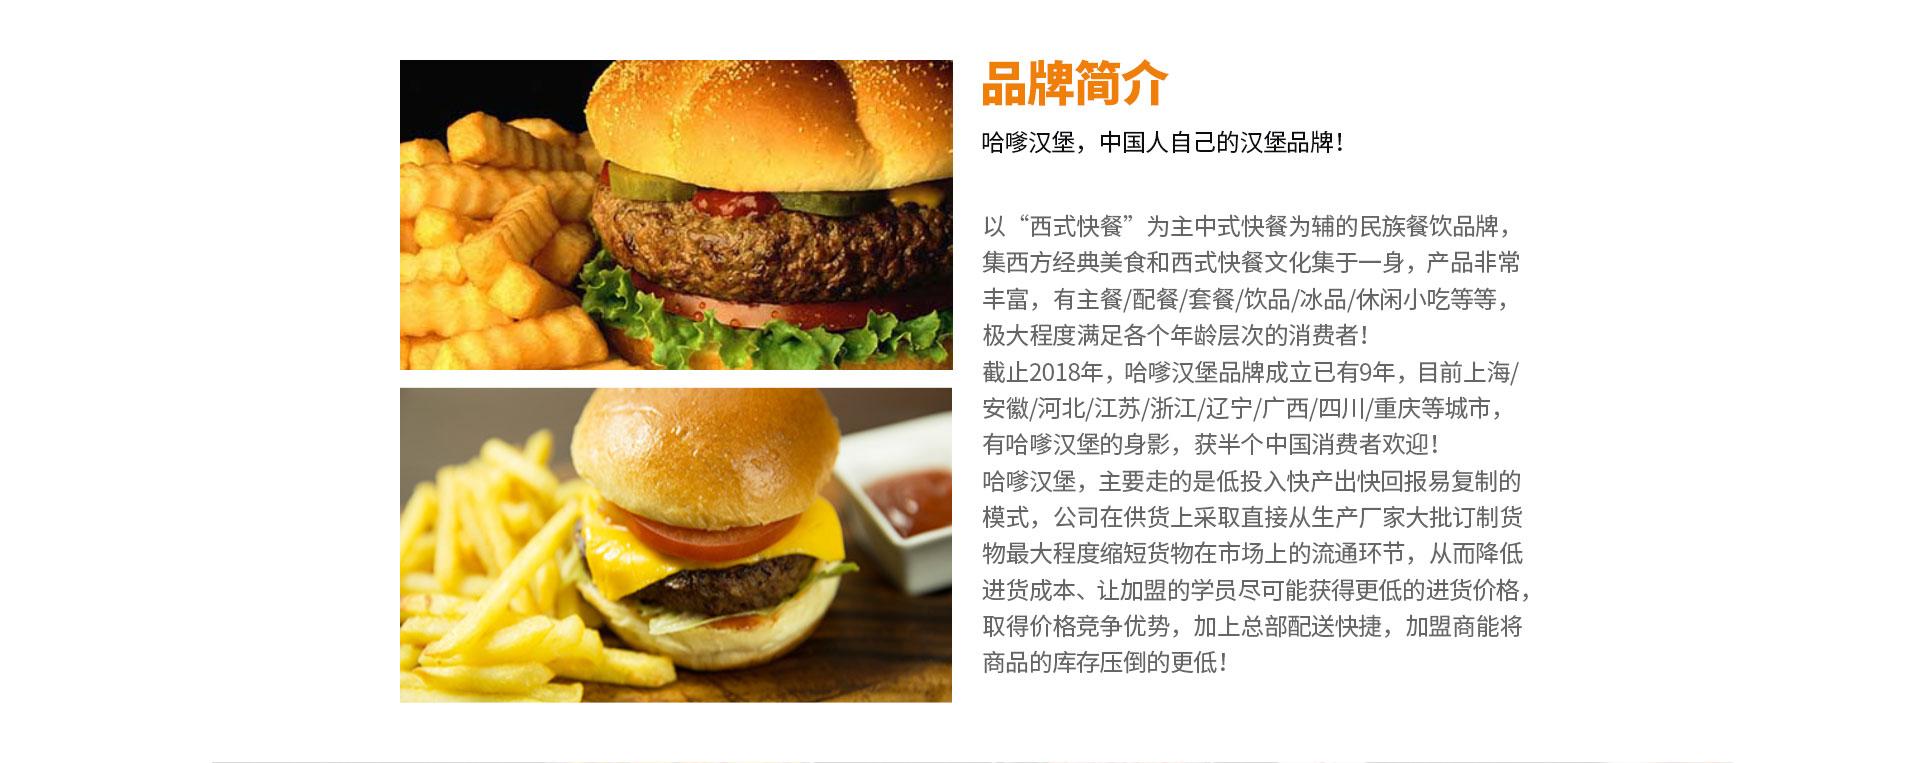 汉堡快餐加盟-每一口,都新鲜-找快餐加盟就上小宝招商